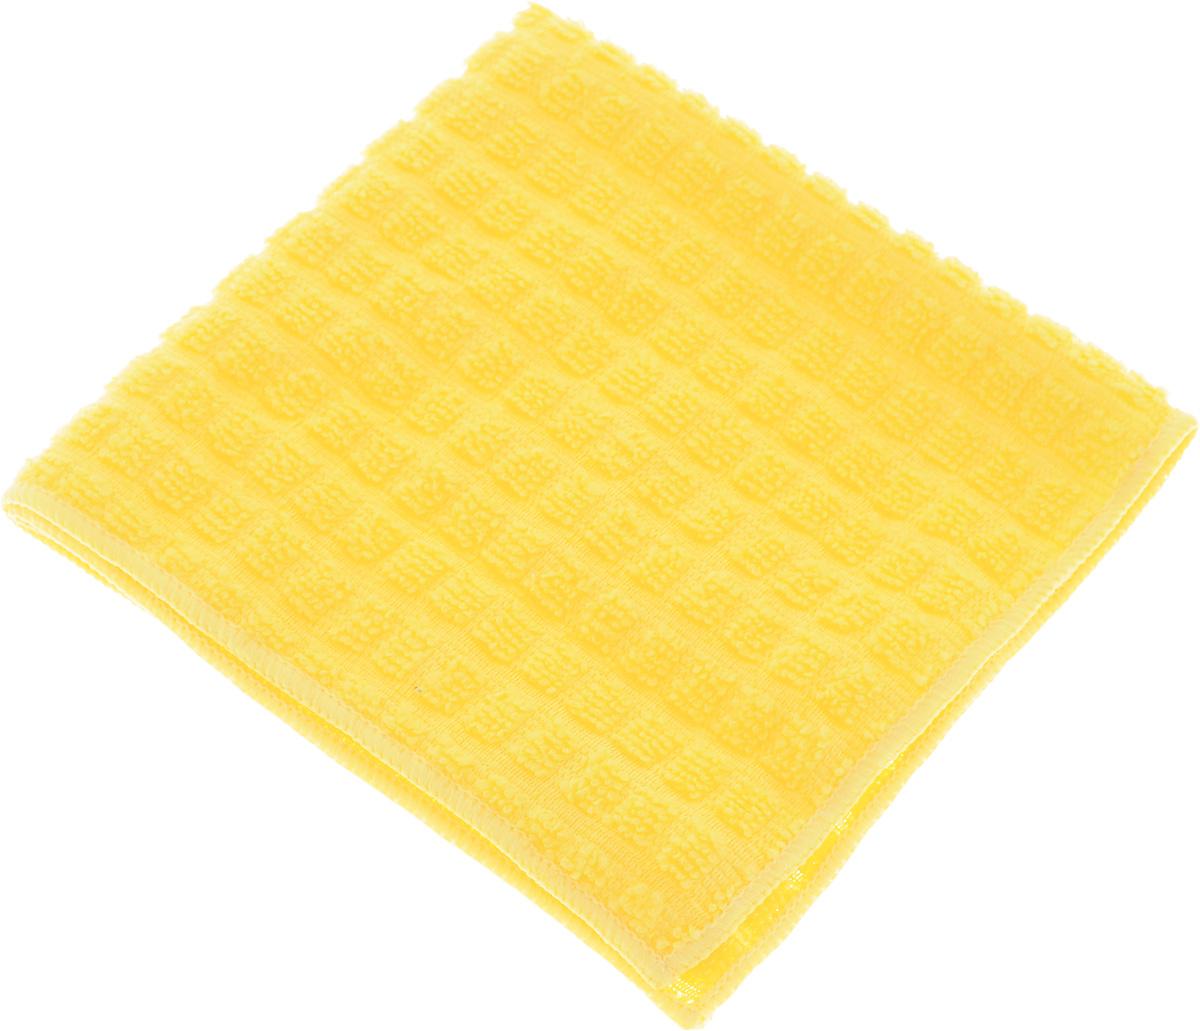 Салфетка Sol Crystal, из микрофибры, быстросохнущая, цвет: желтый, 30 x 30 см20003/20016_желтыйСалфетка Sol Crystal выполнена из микрофибры для деликатной чистки и полировки лакированных, глянцевых и хромированных поверхностей, а также стекол и зеркал. Салфетку можно эффективно применять как во влажном, так и в сухом виде. Специальное плетение ворса обеспечивает быстрое высыхание салфетки. Можно применять различные моющие средства. Не оставляет разводов и ворсинок. Можно стирать вручную или в стиральной машине с мягким моющим средством без использования кондиционера и отбеливателя, при температуре не выше 95°С. Запрещается кипячение и глажка. Рекомендована бережная сушка.